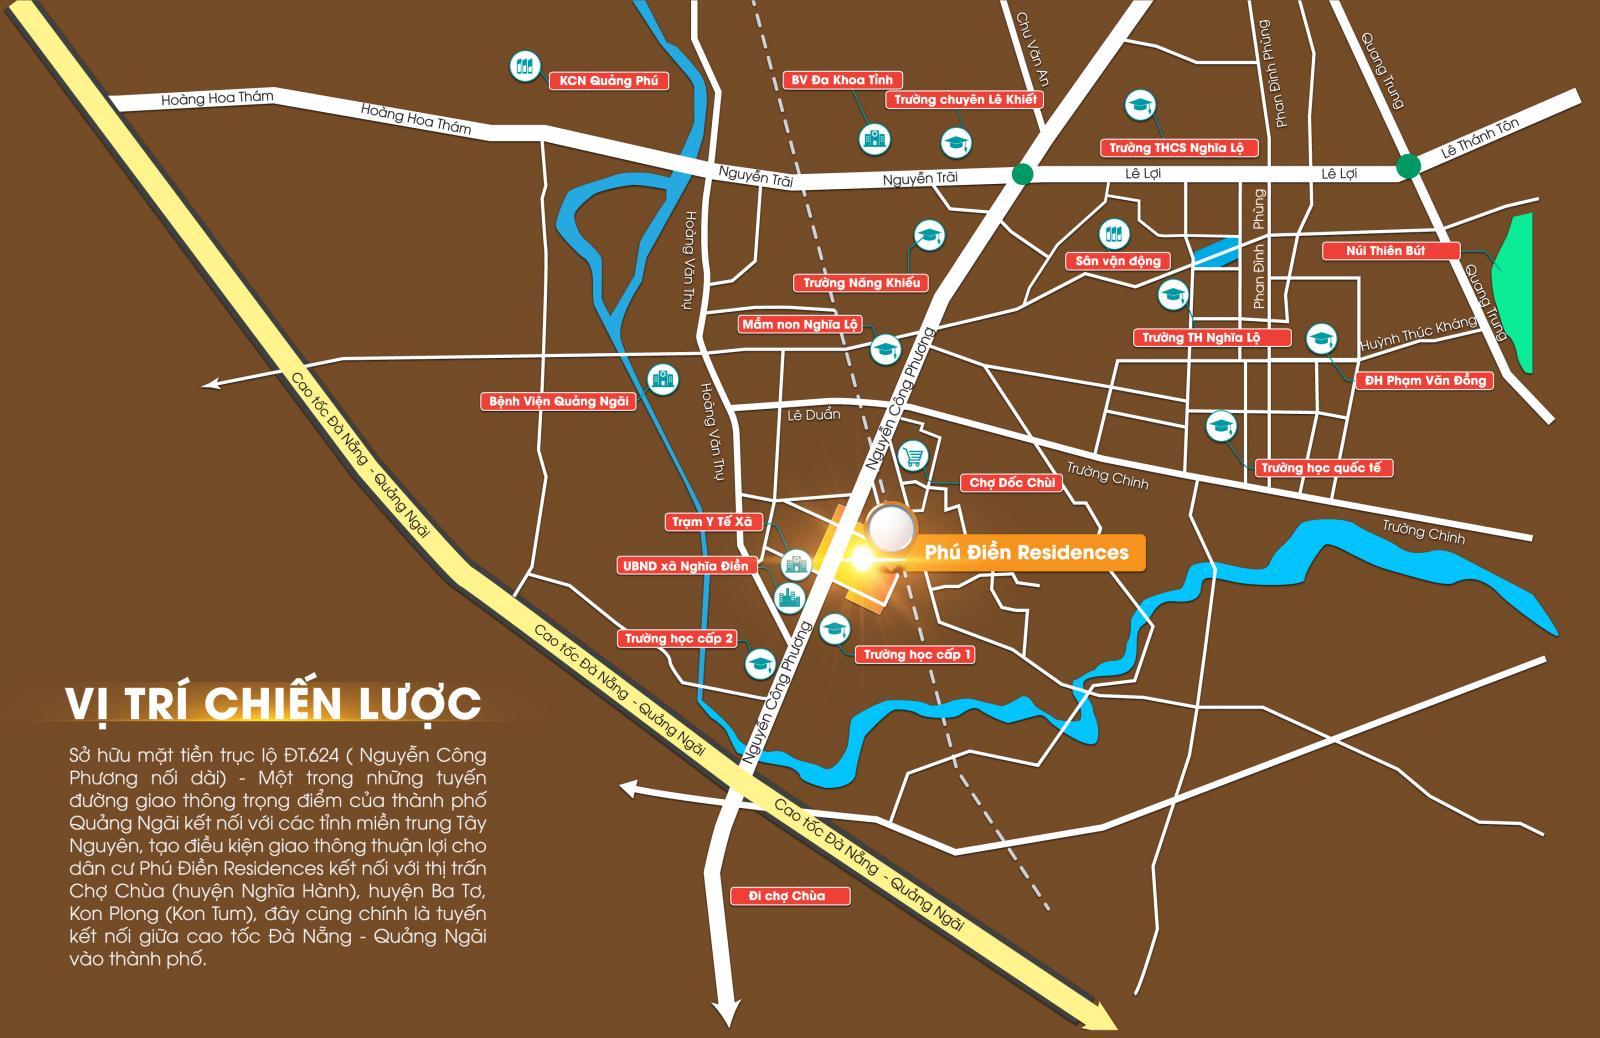 Vị trí dự án Phú Điền Residence